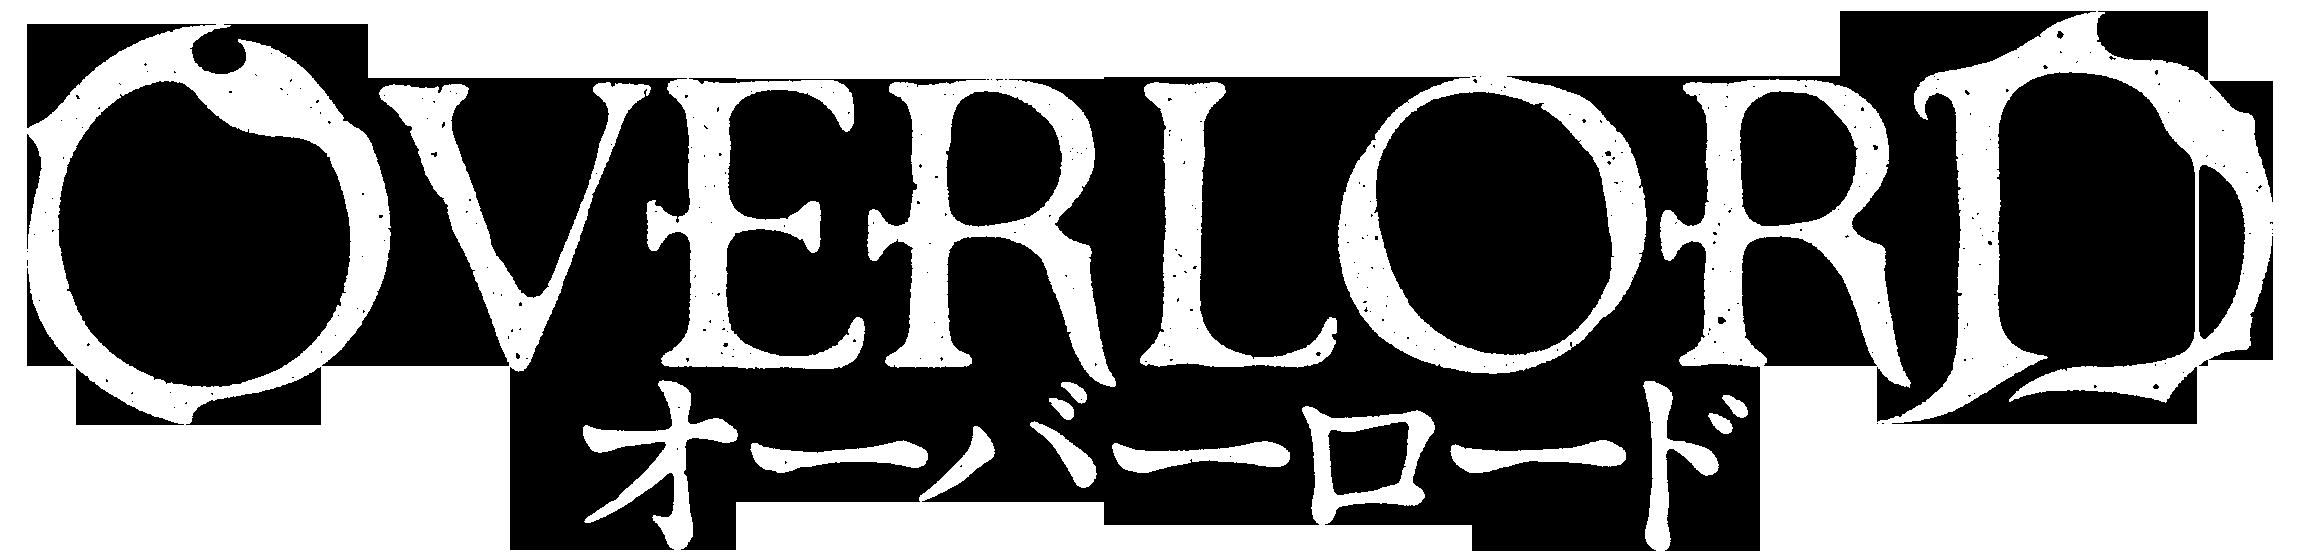 オーバーロード ロゴ